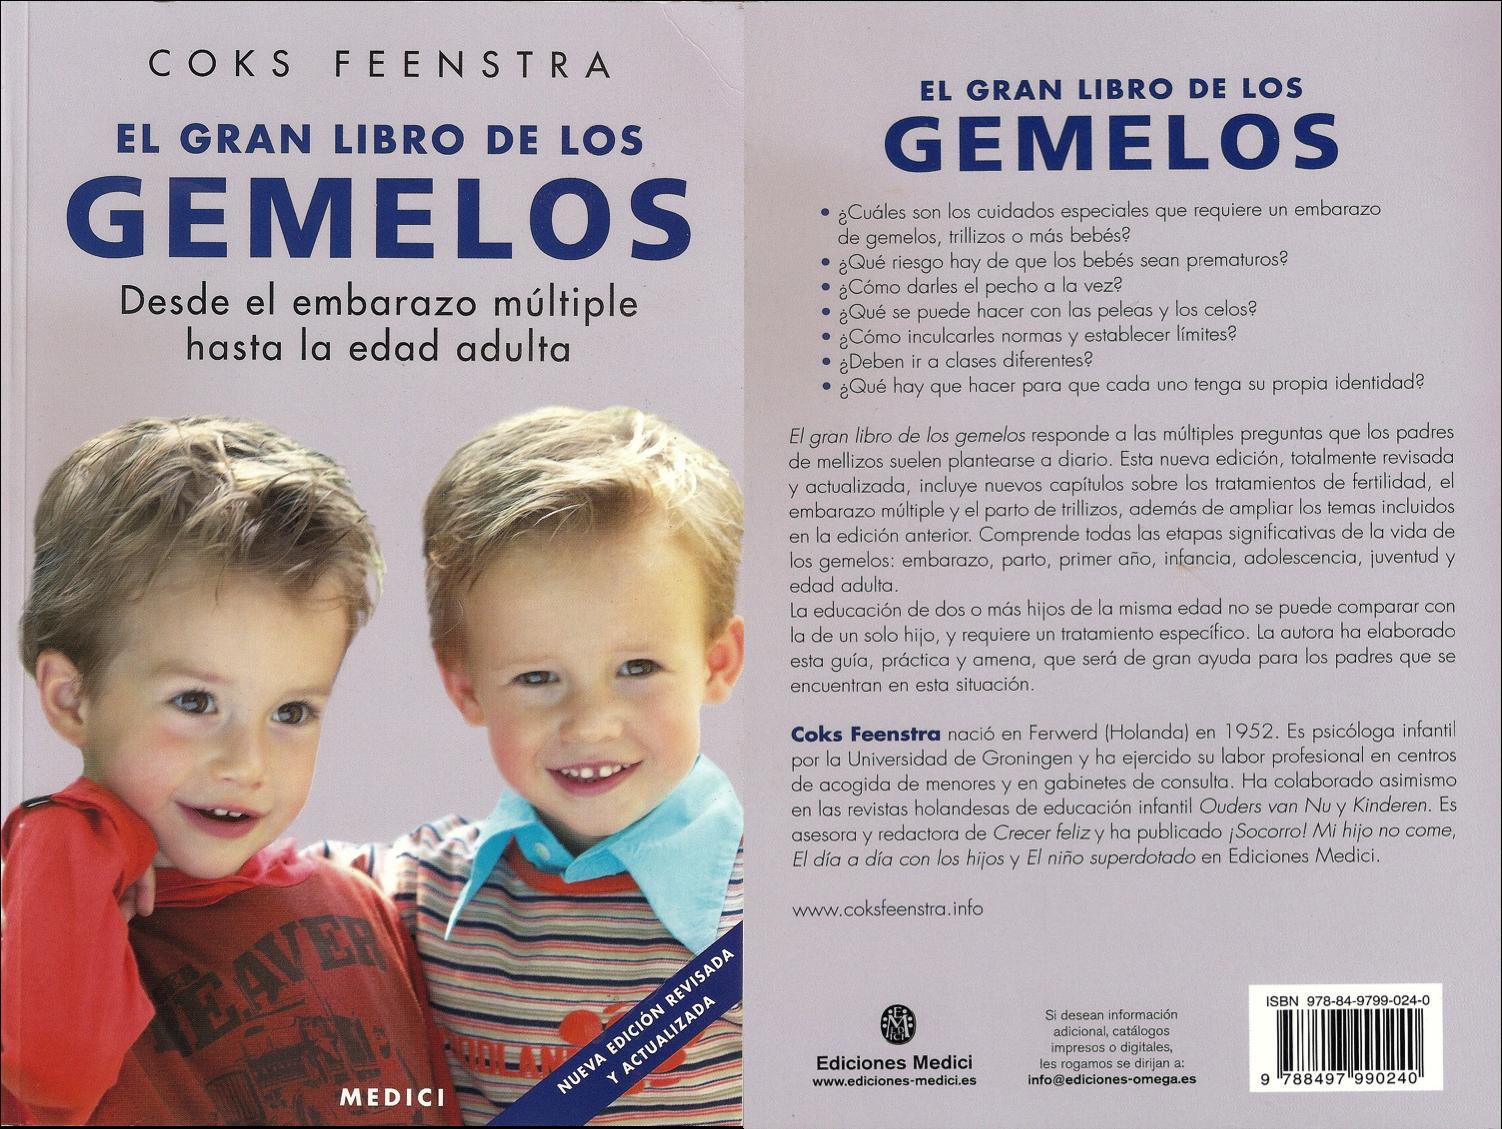 el gran libro de los gemelos feenstra cooks portada y contraportada